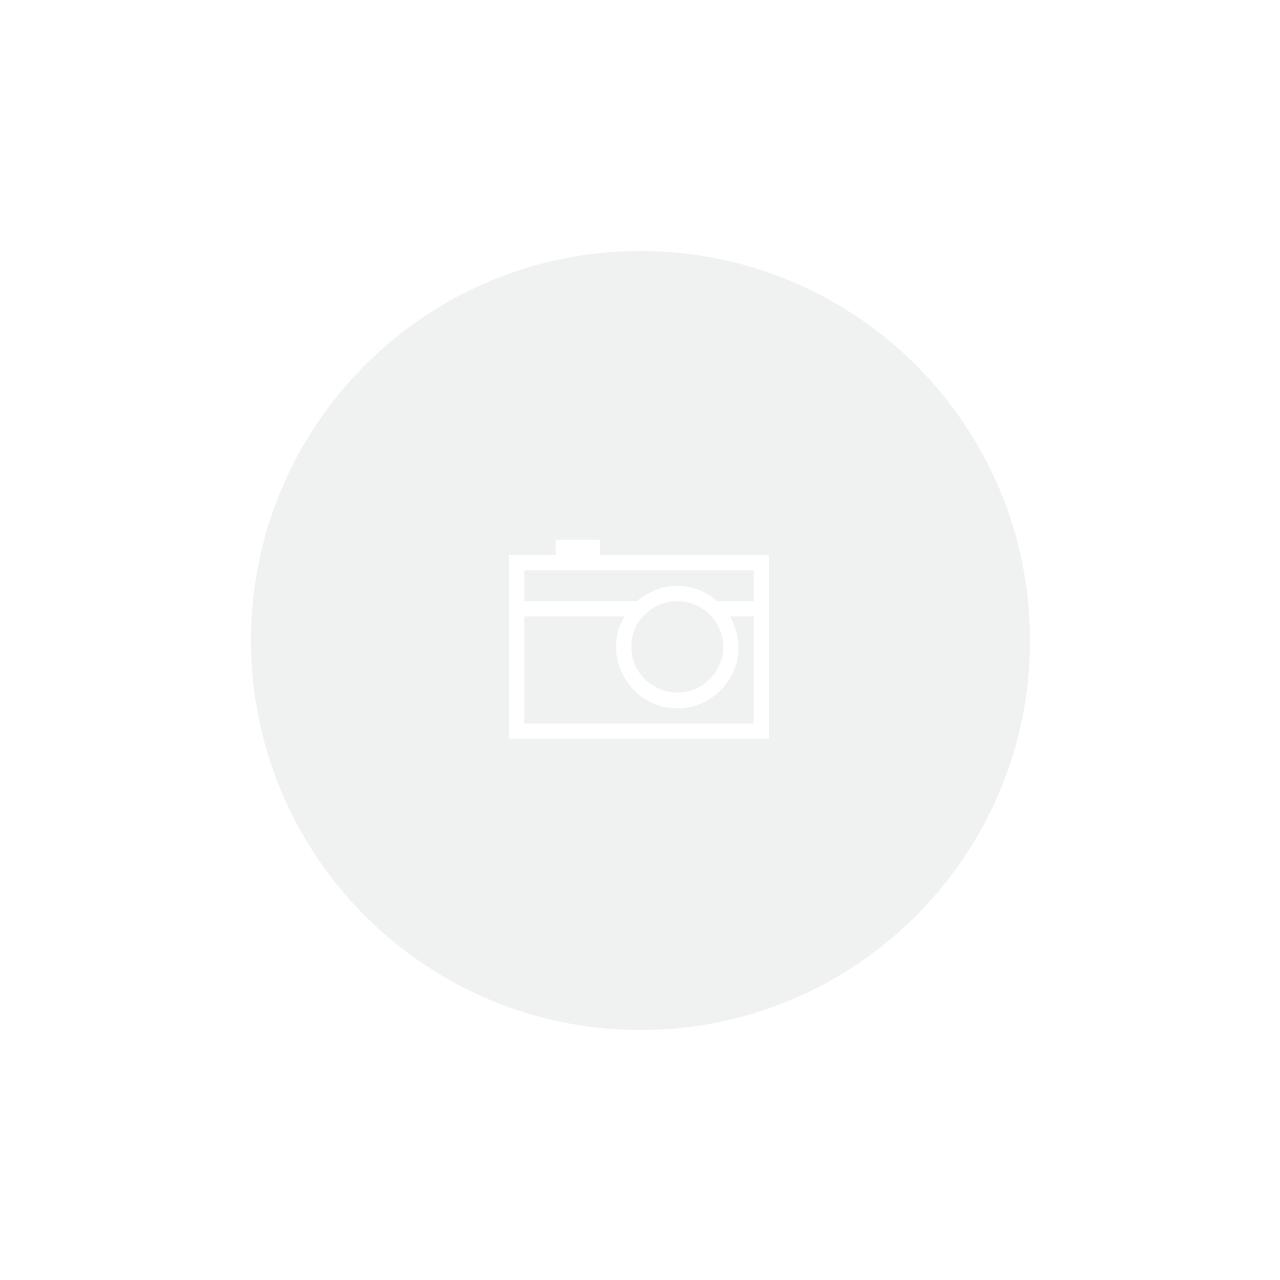 Guia de Contenção 50cm